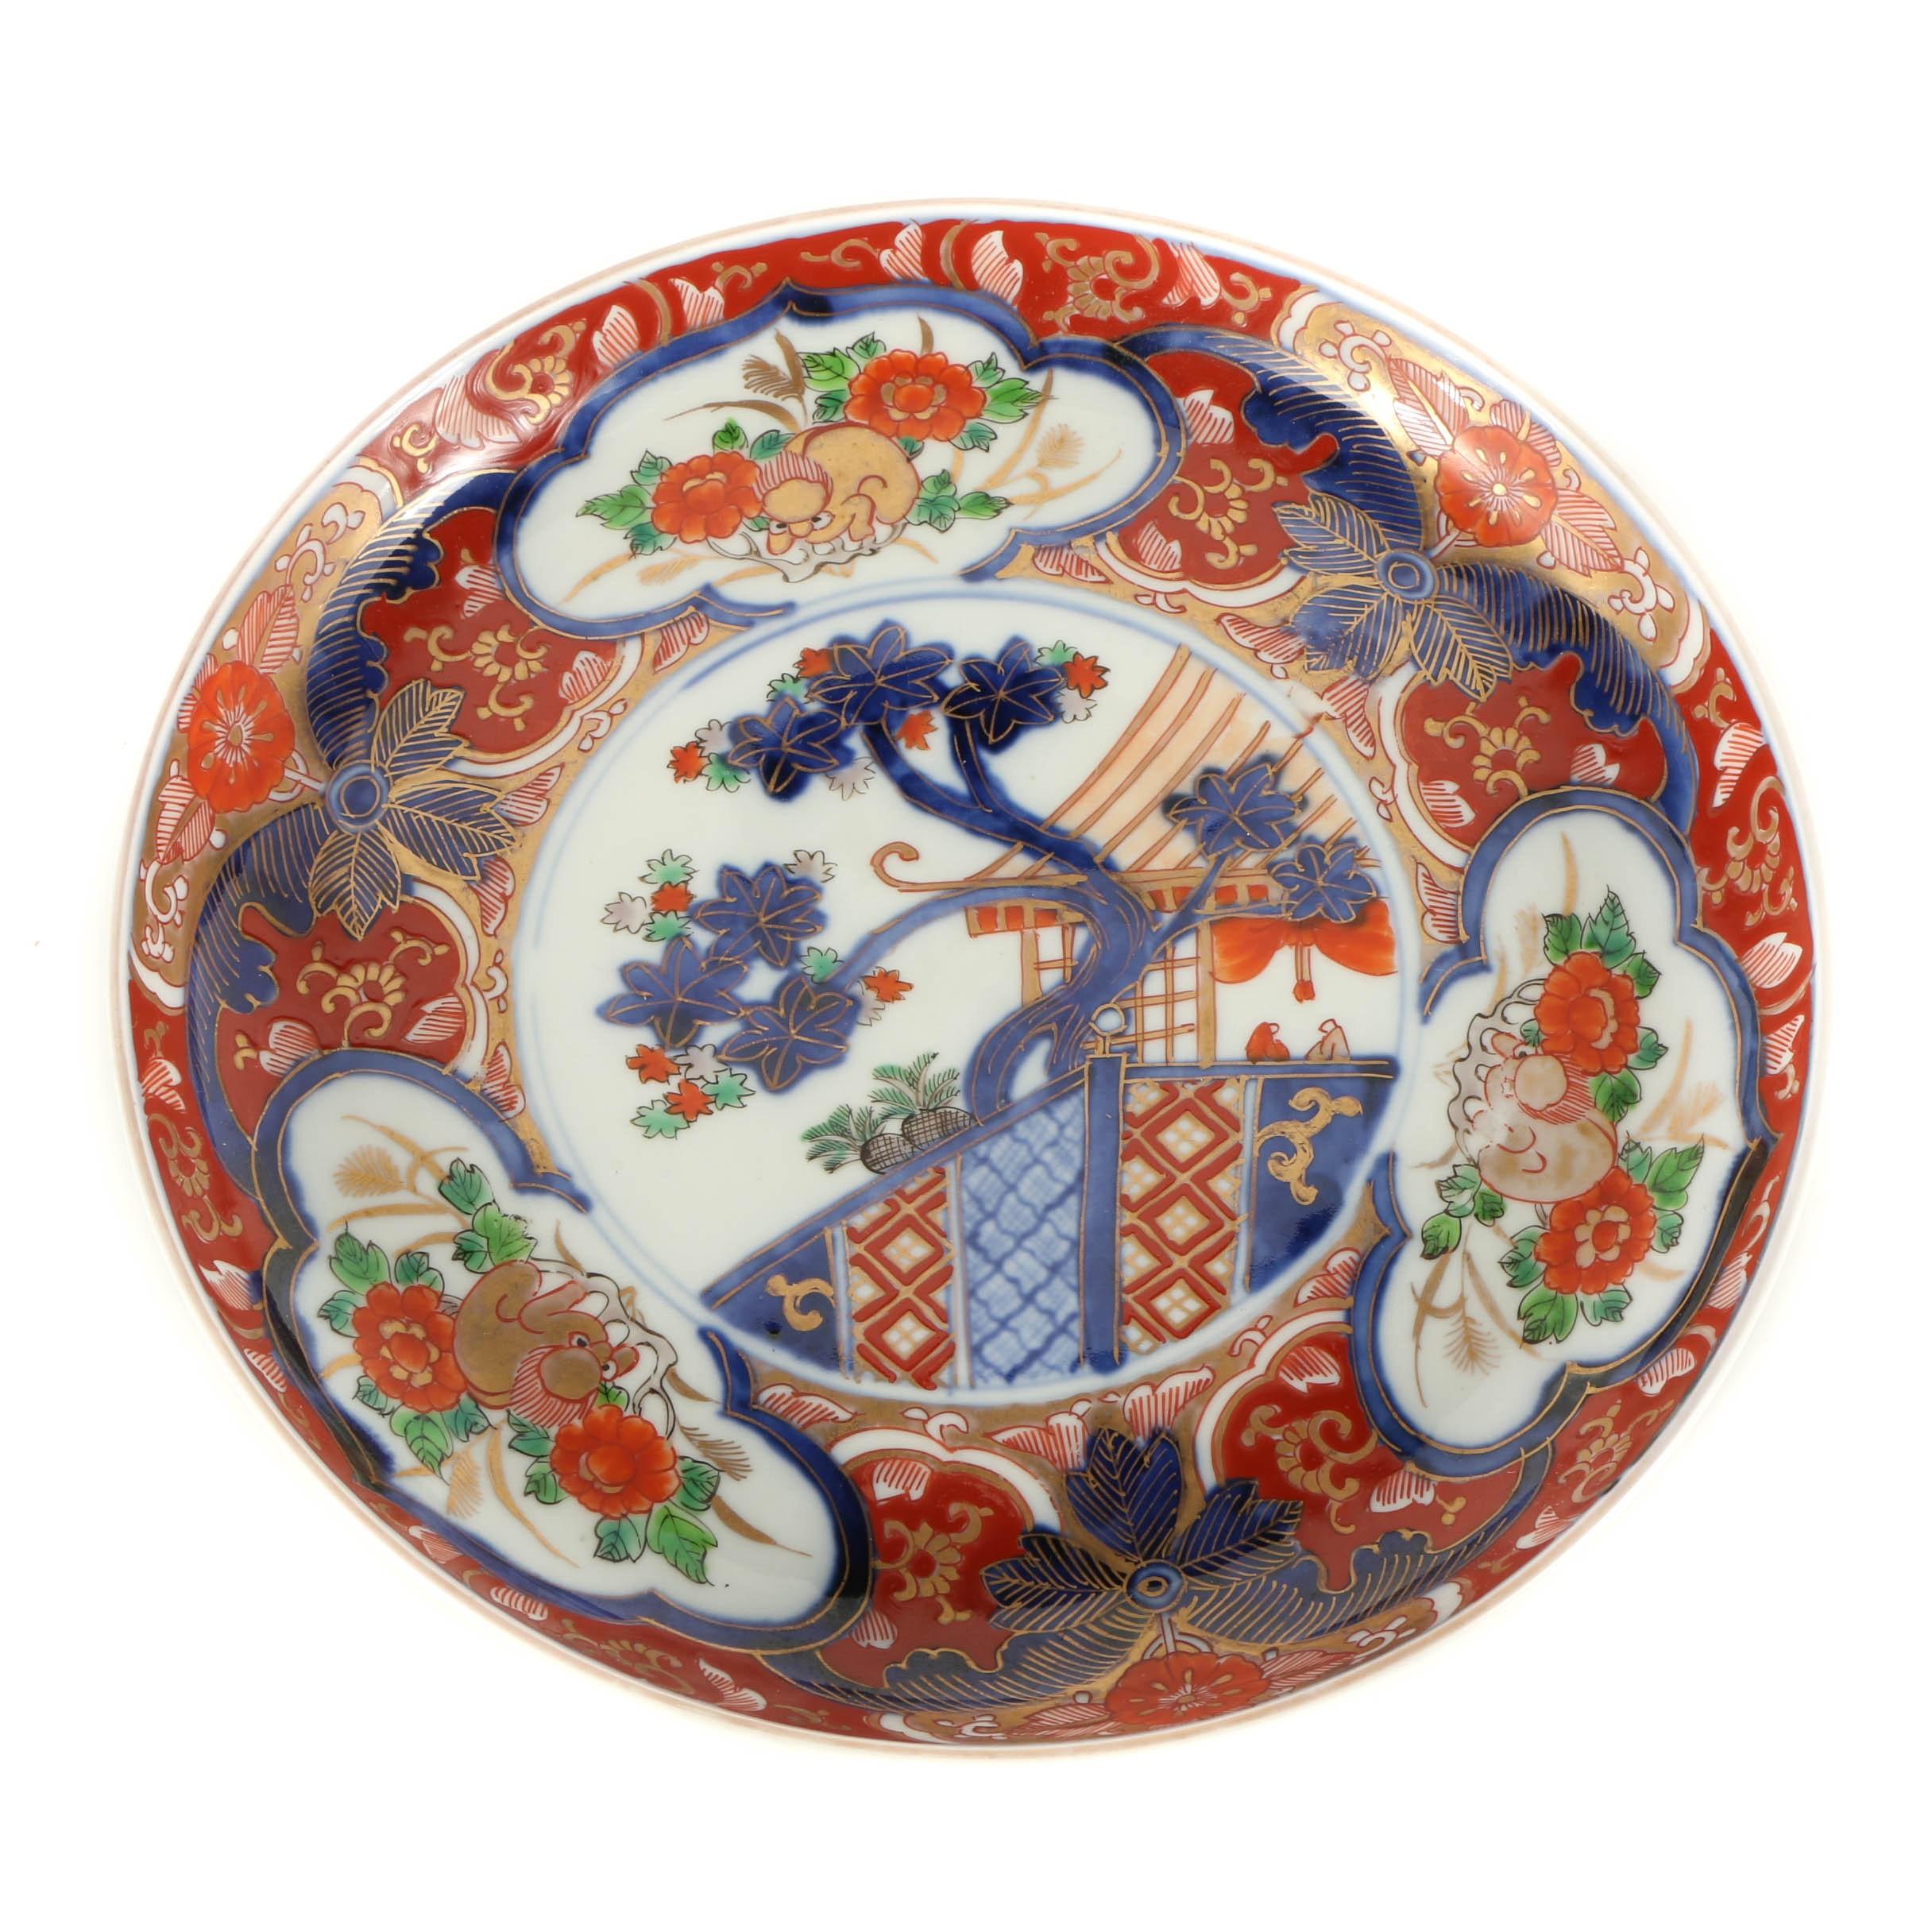 Japanese Imari Enameled Porcelain Decorative Dish